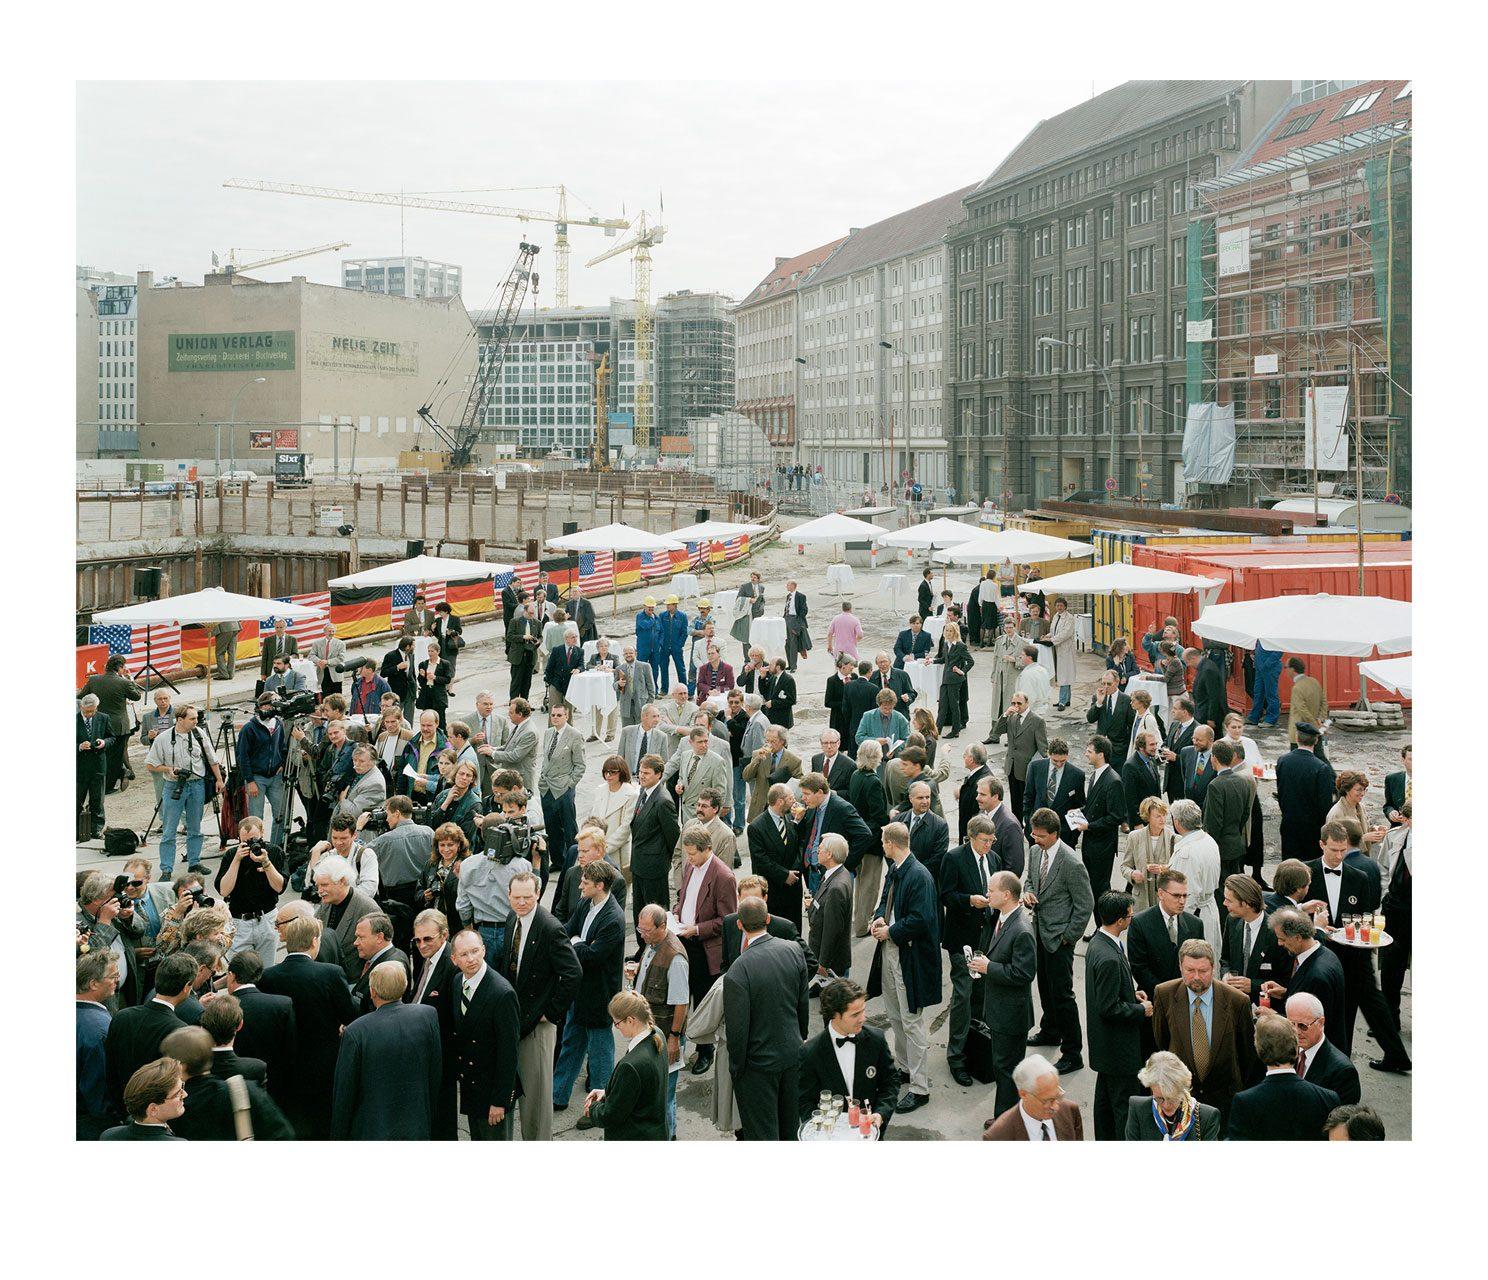 Stadt #14, Grundsteinlegung am Checkpoint Charlie, 1996